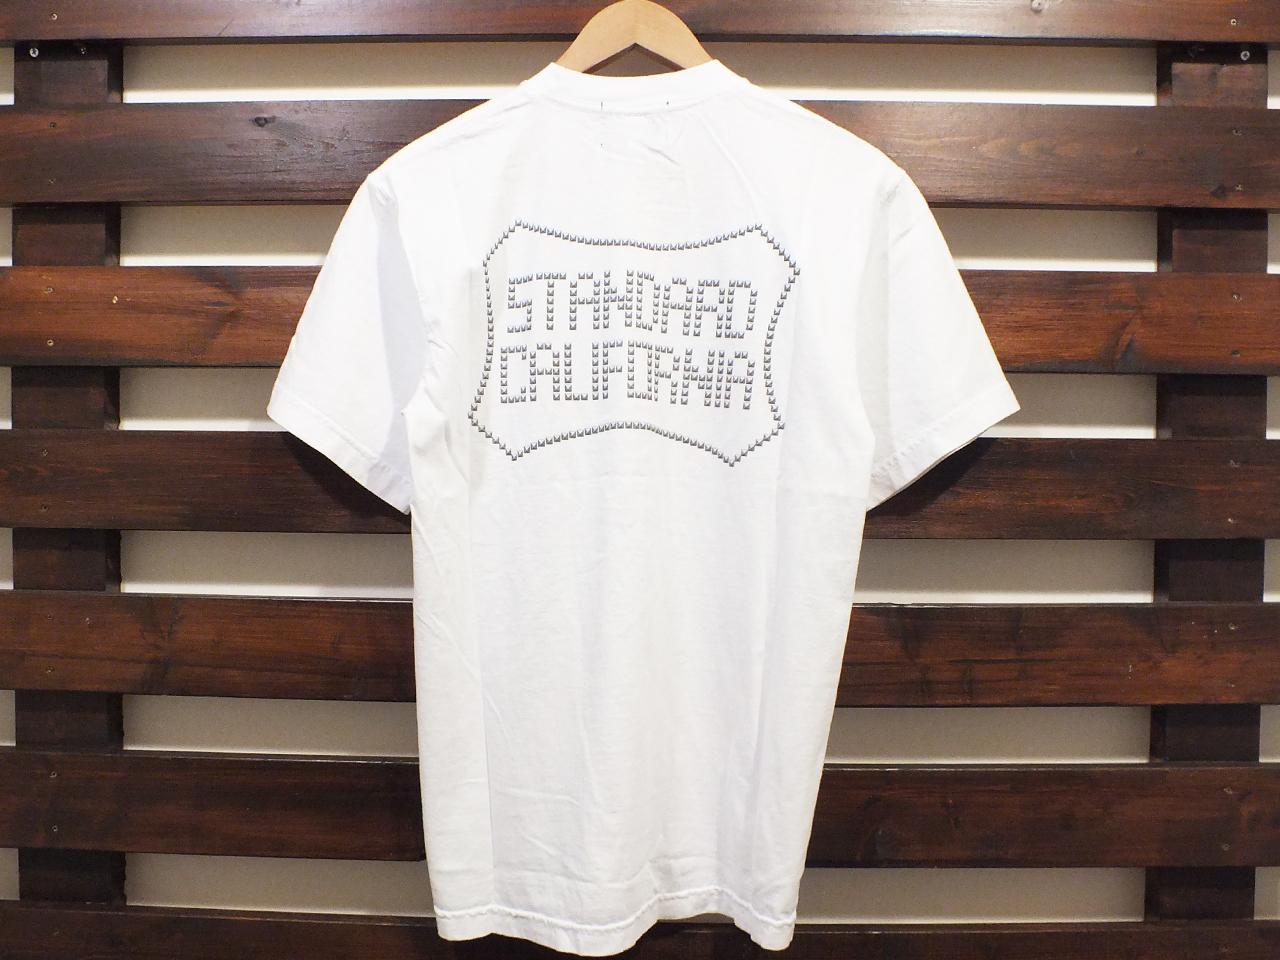 【送料無料】HTC × STANDARD CALIFORNIA 20th Anniversary SHIELD LOGO T-SHIRT WHITE